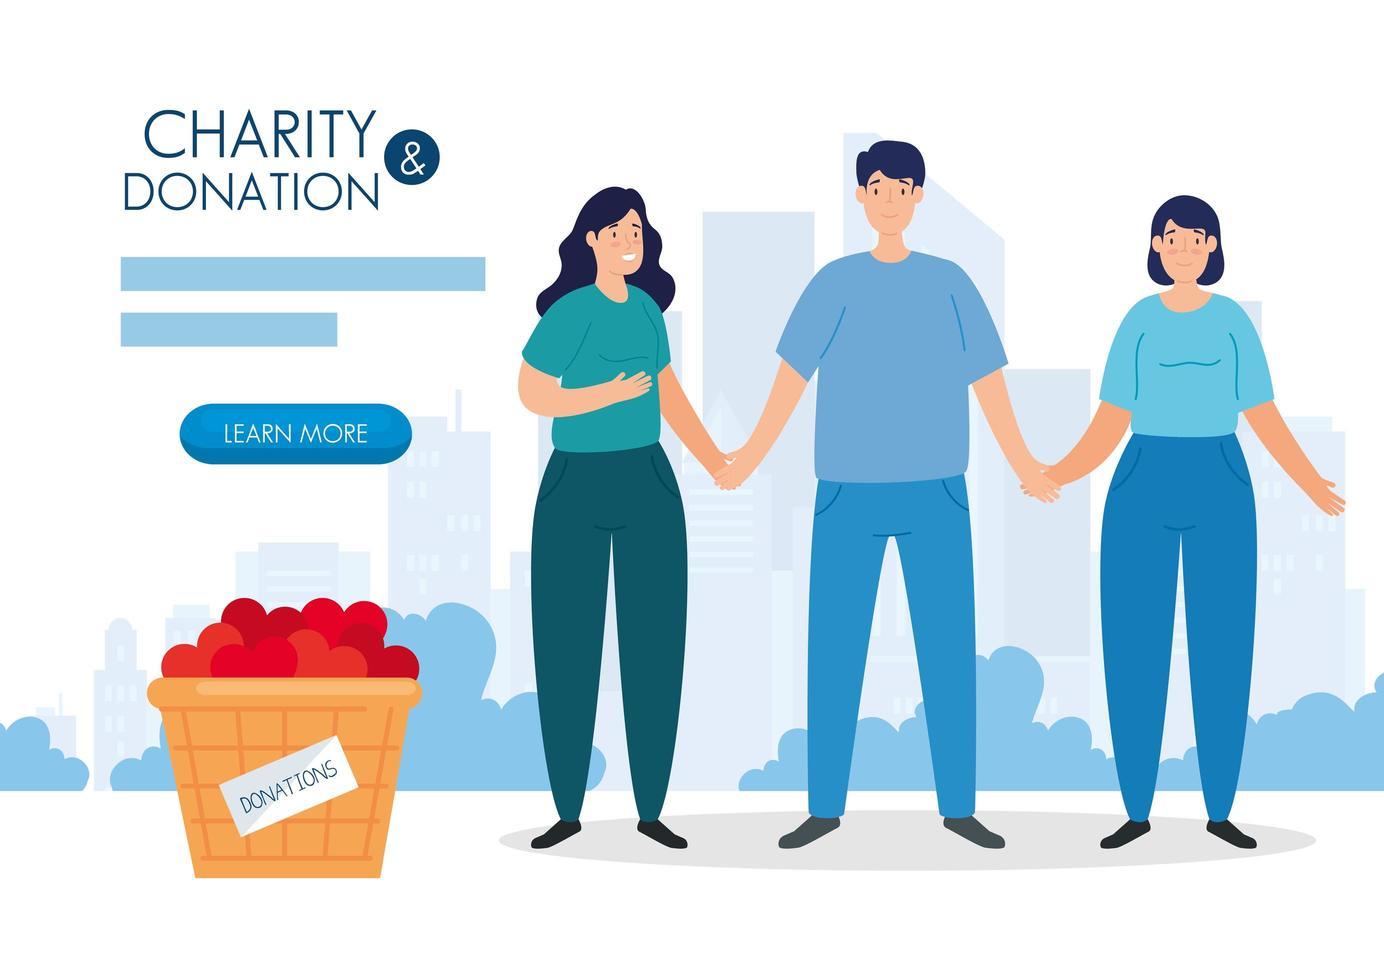 persone con cesto per beneficenza e donazione vettore